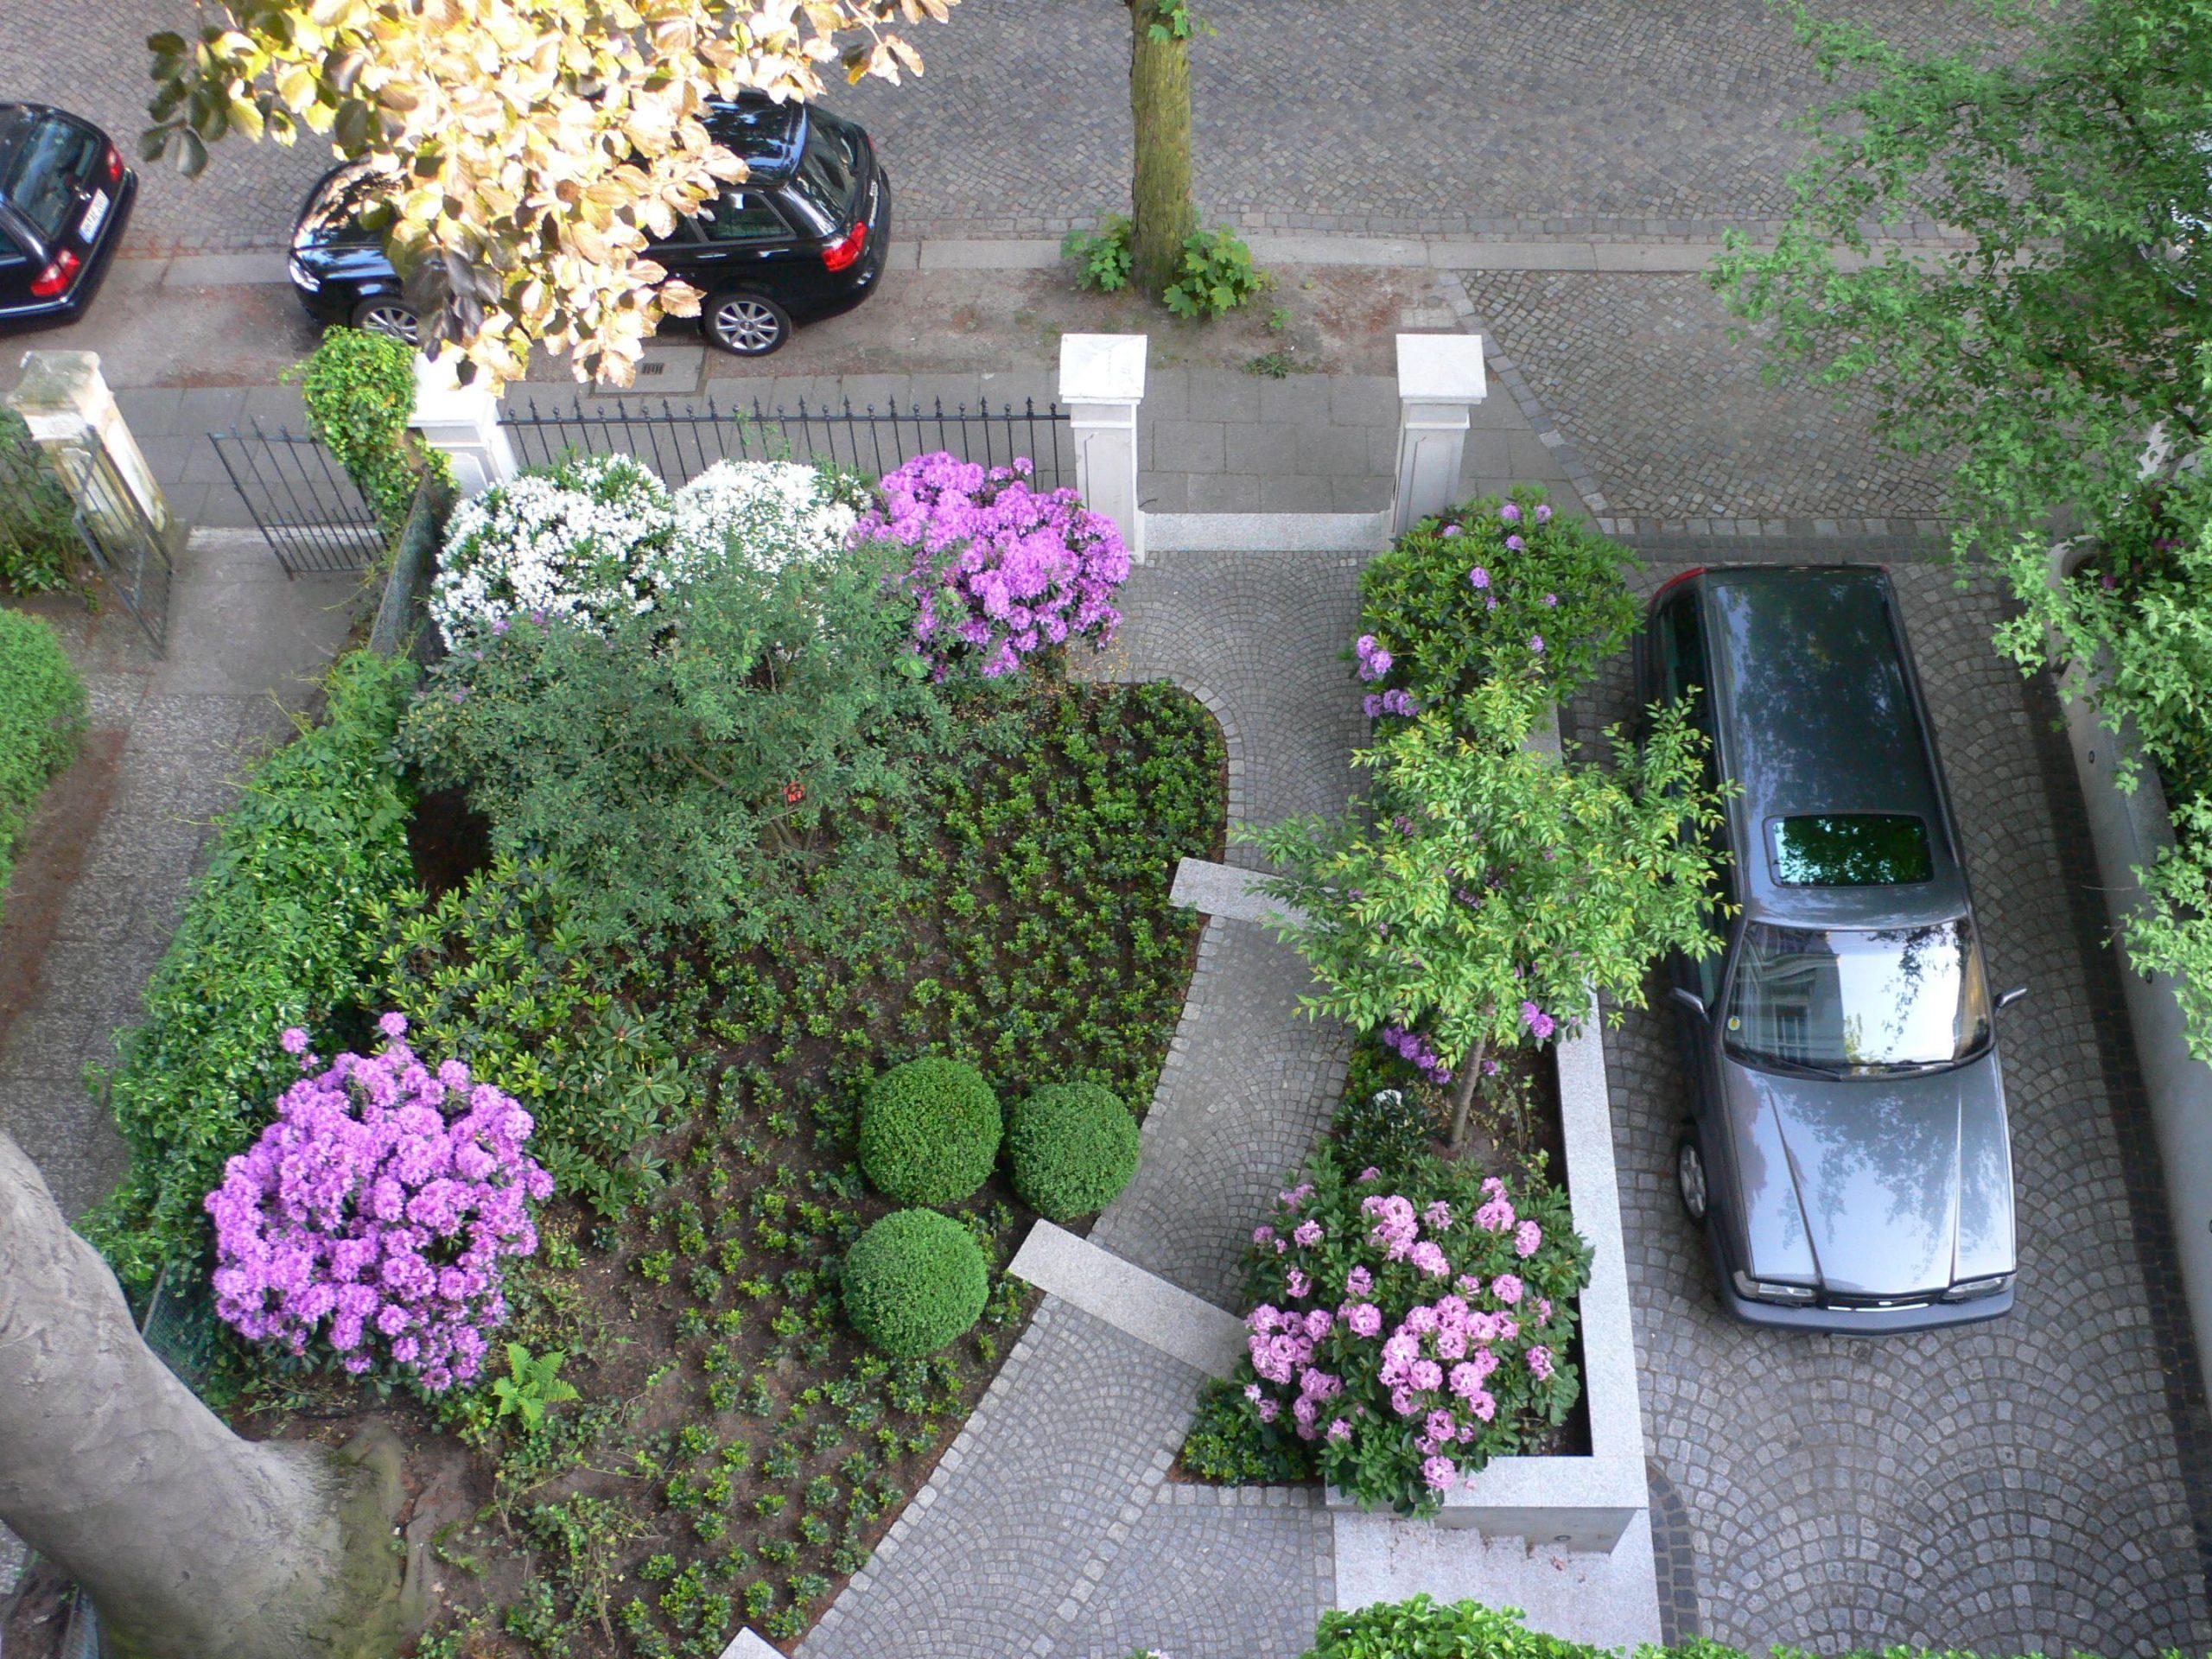 Full Size of Garten Und Landschaftsbau Hamburg Ausbildung Jobs Harburg Rahlstedt Langenhorn Wandsbek Sasel Stellenangebote Bergedorf Niendorf Schaukelstuhl Loungemöbel Garten Garten Und Landschaftsbau Hamburg